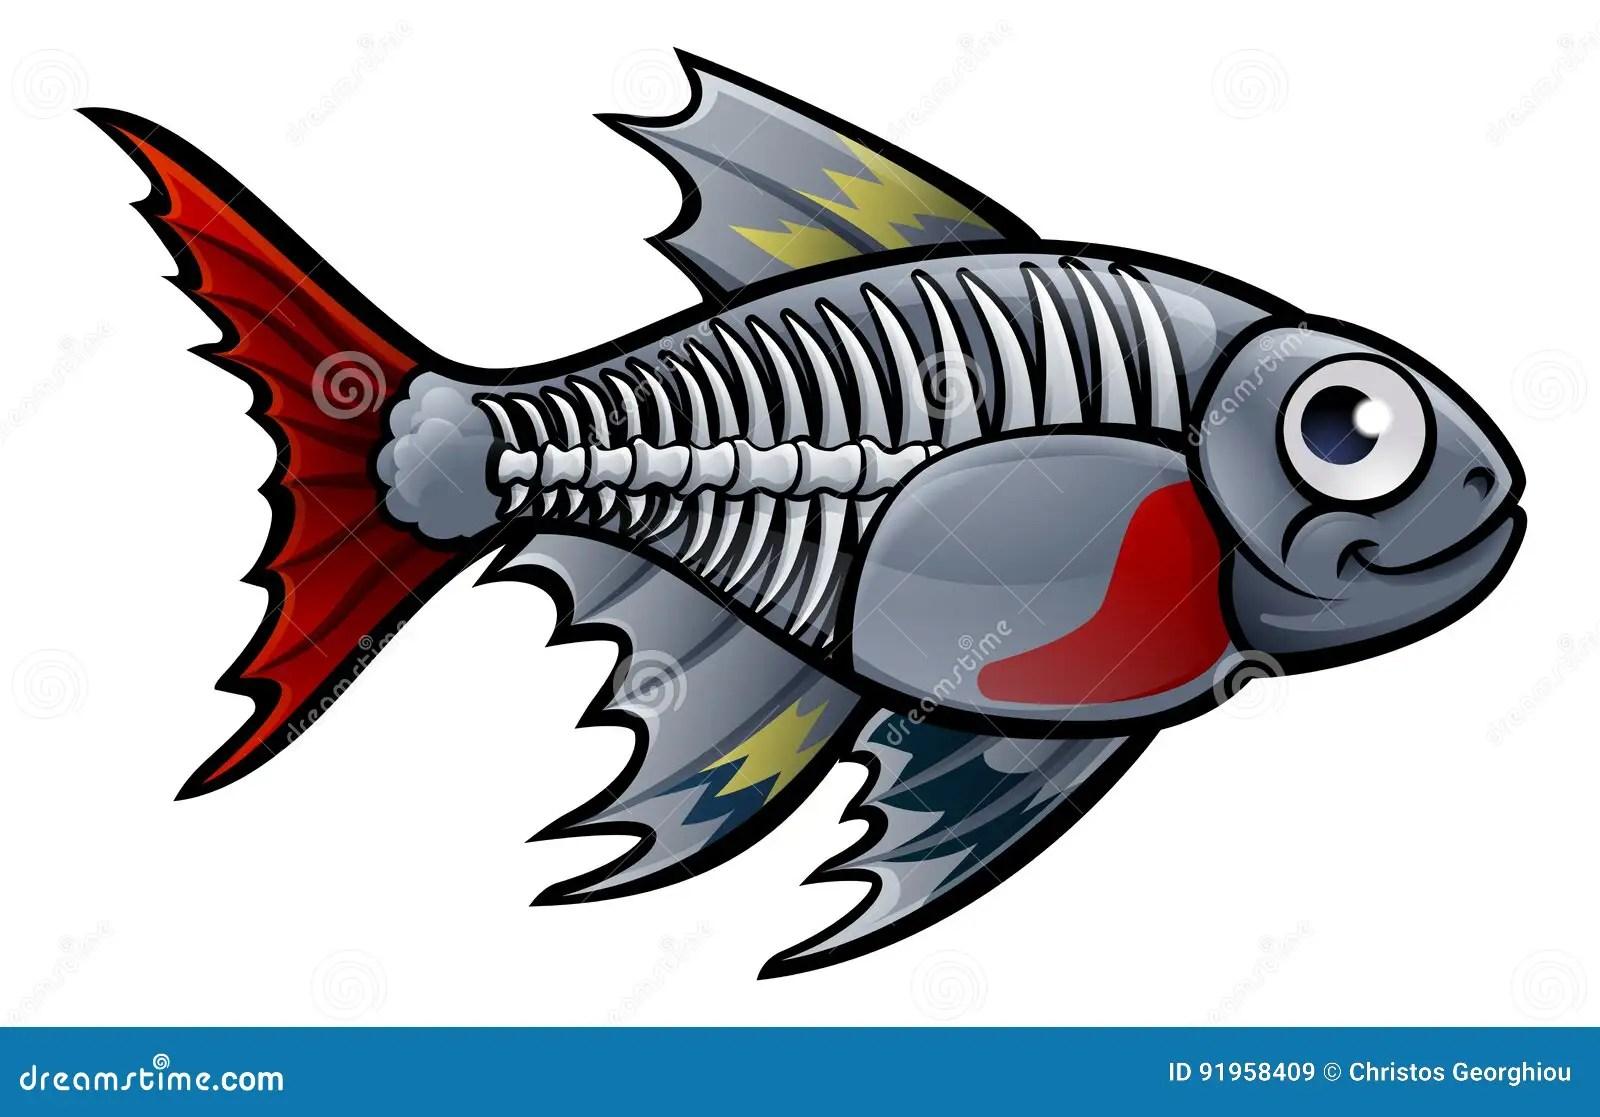 Xray Fish Stock Illustrations 104 Xray Fish Stock